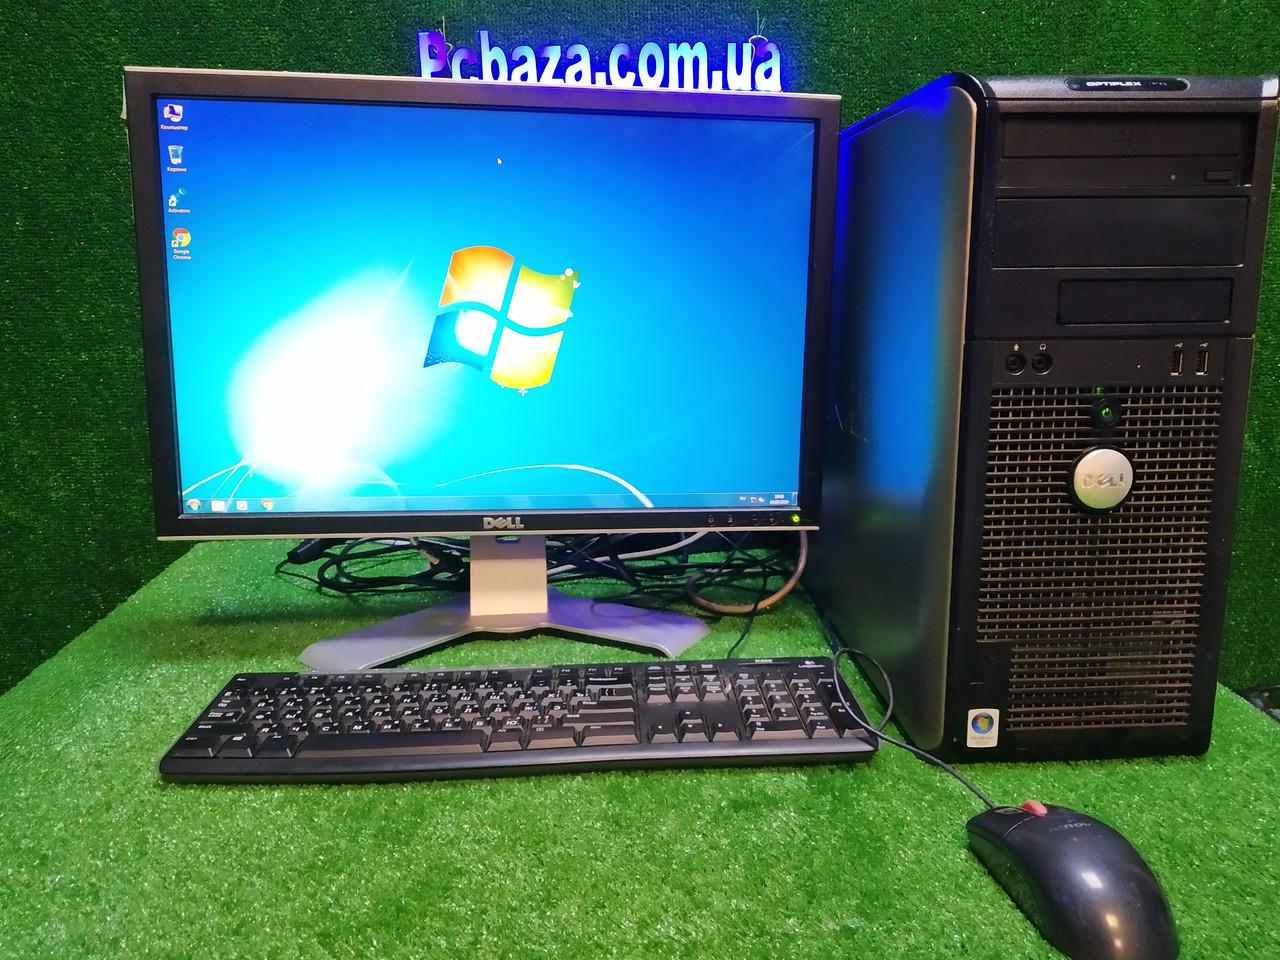 """Полный комплект DELL Optiplex Intel 4 ядра + Монитор 22"""" Dell 2208wfpt+ мышь и клавиатура"""